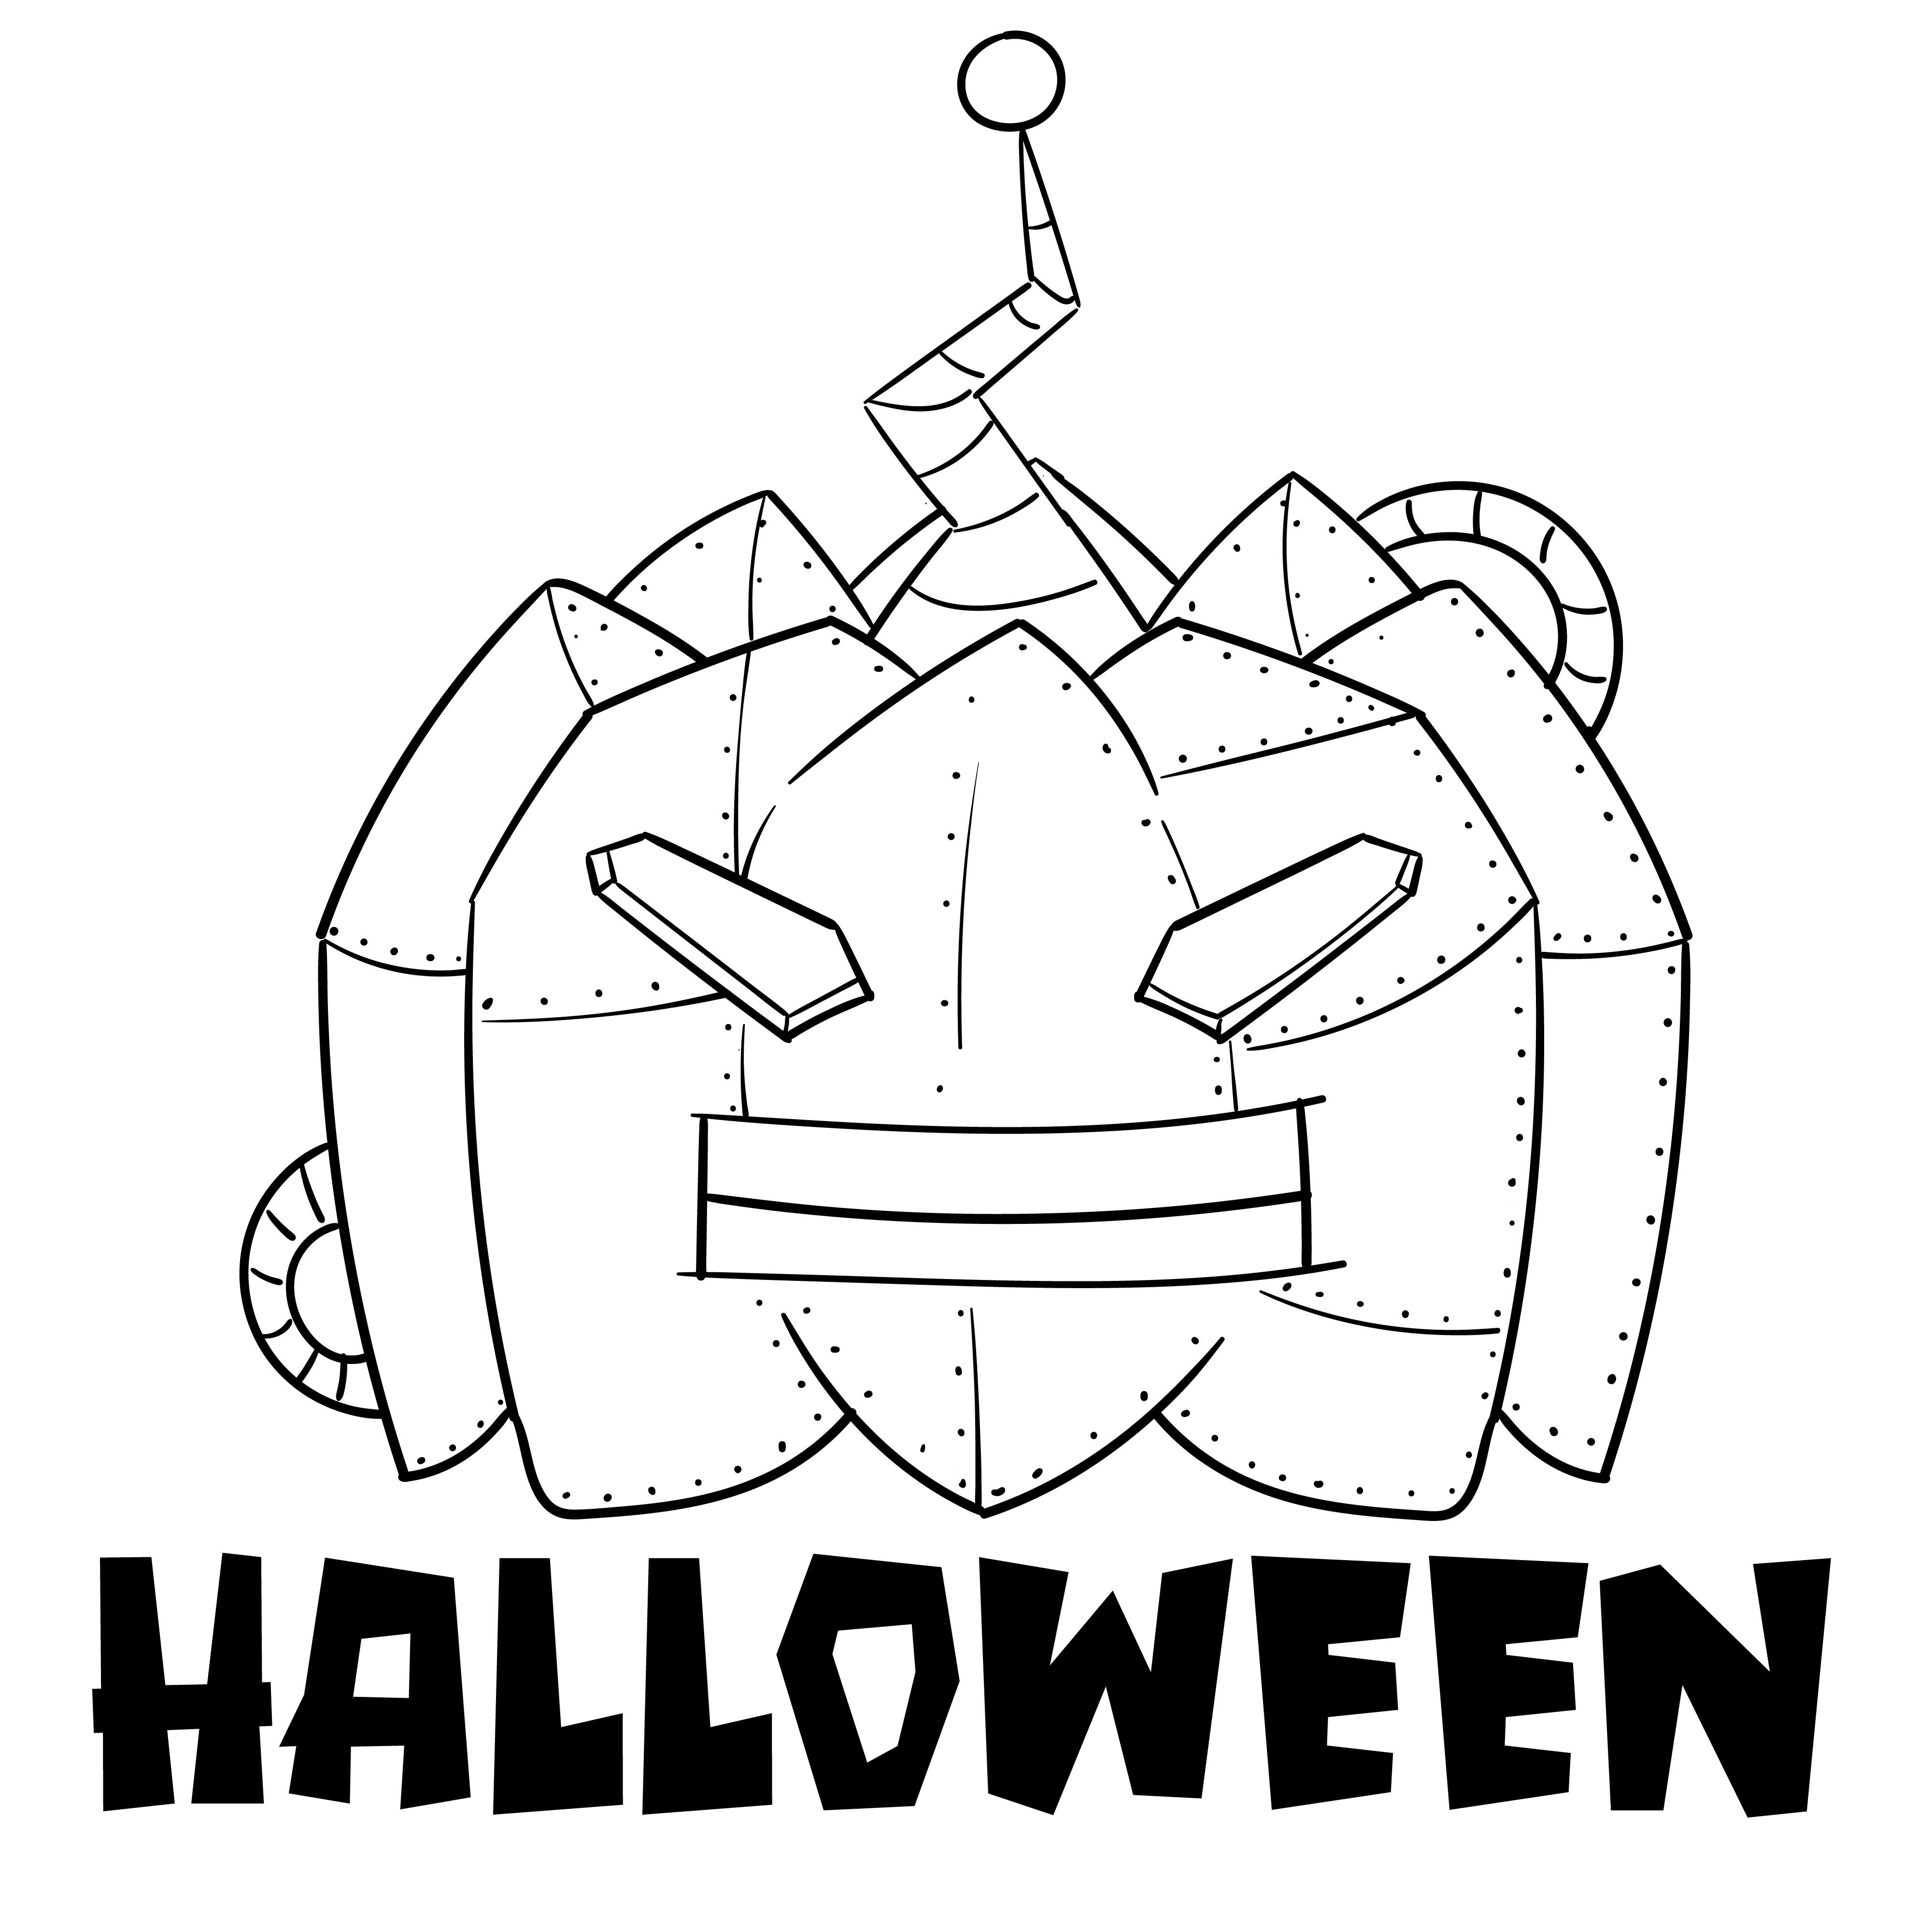 Happy Halloween Pumpkin Template